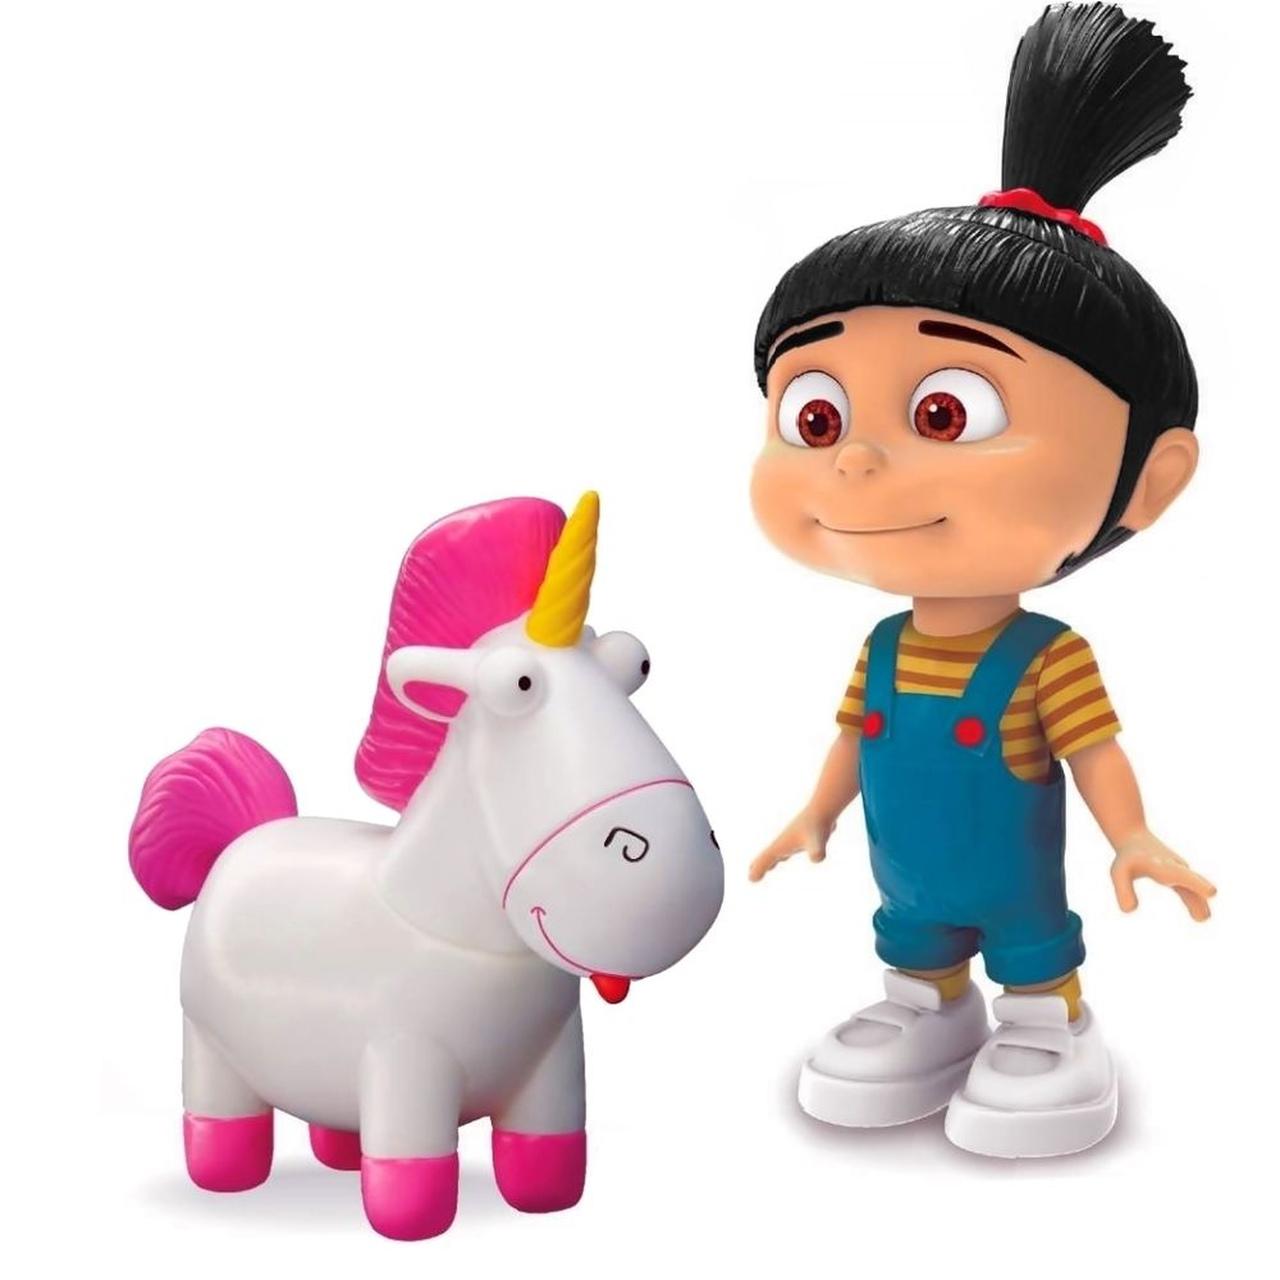 Boneca Vinil Agnes e Fluffy Meu Malvado Favorito Lider Brinquedos